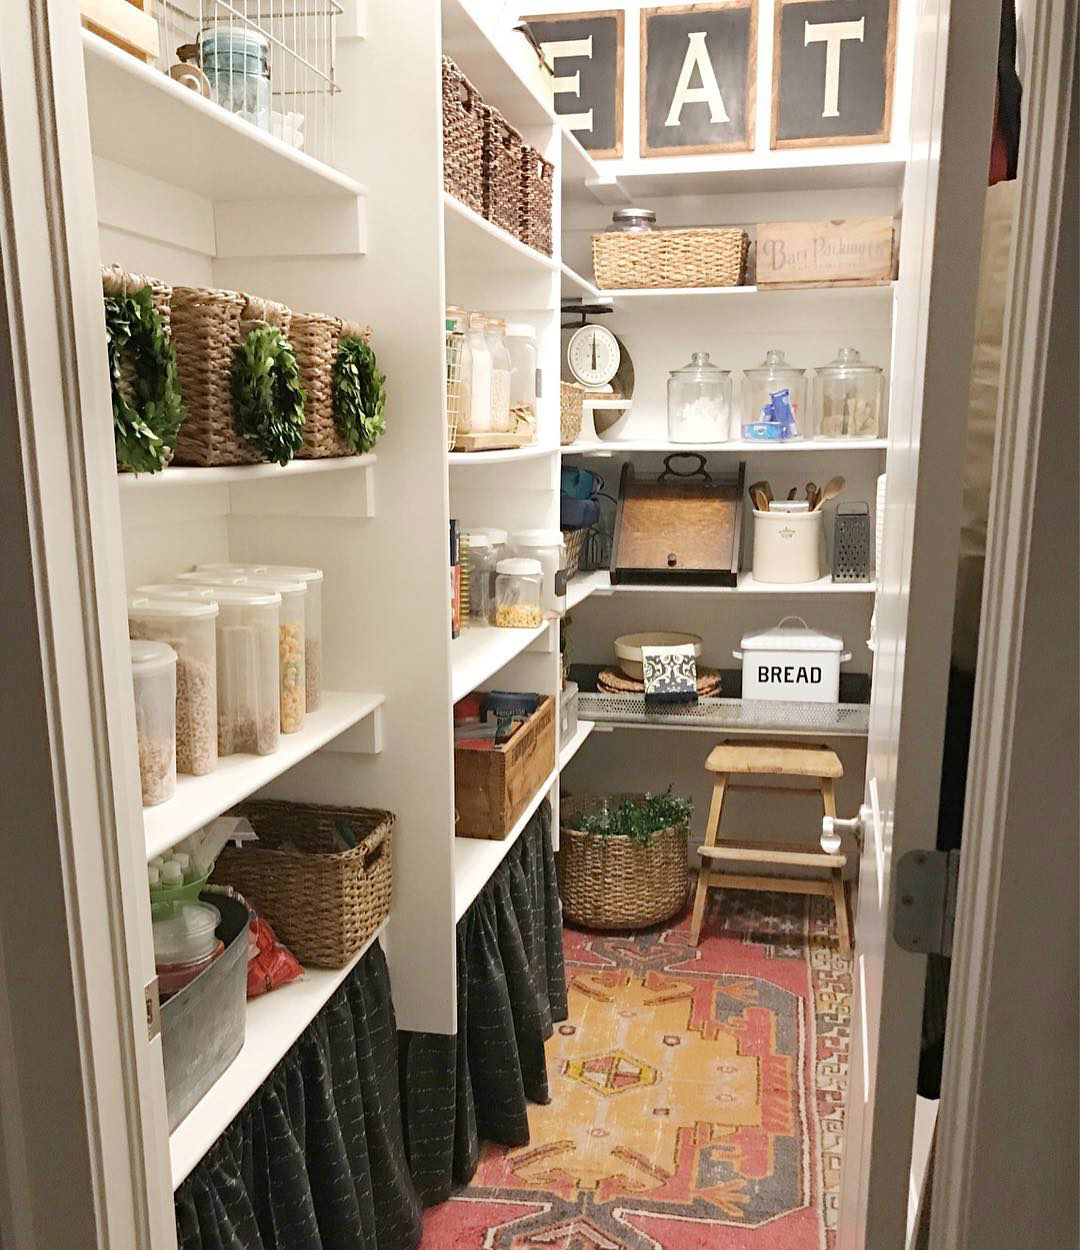 красивая организация хранения фото стильной кладовой на кухне